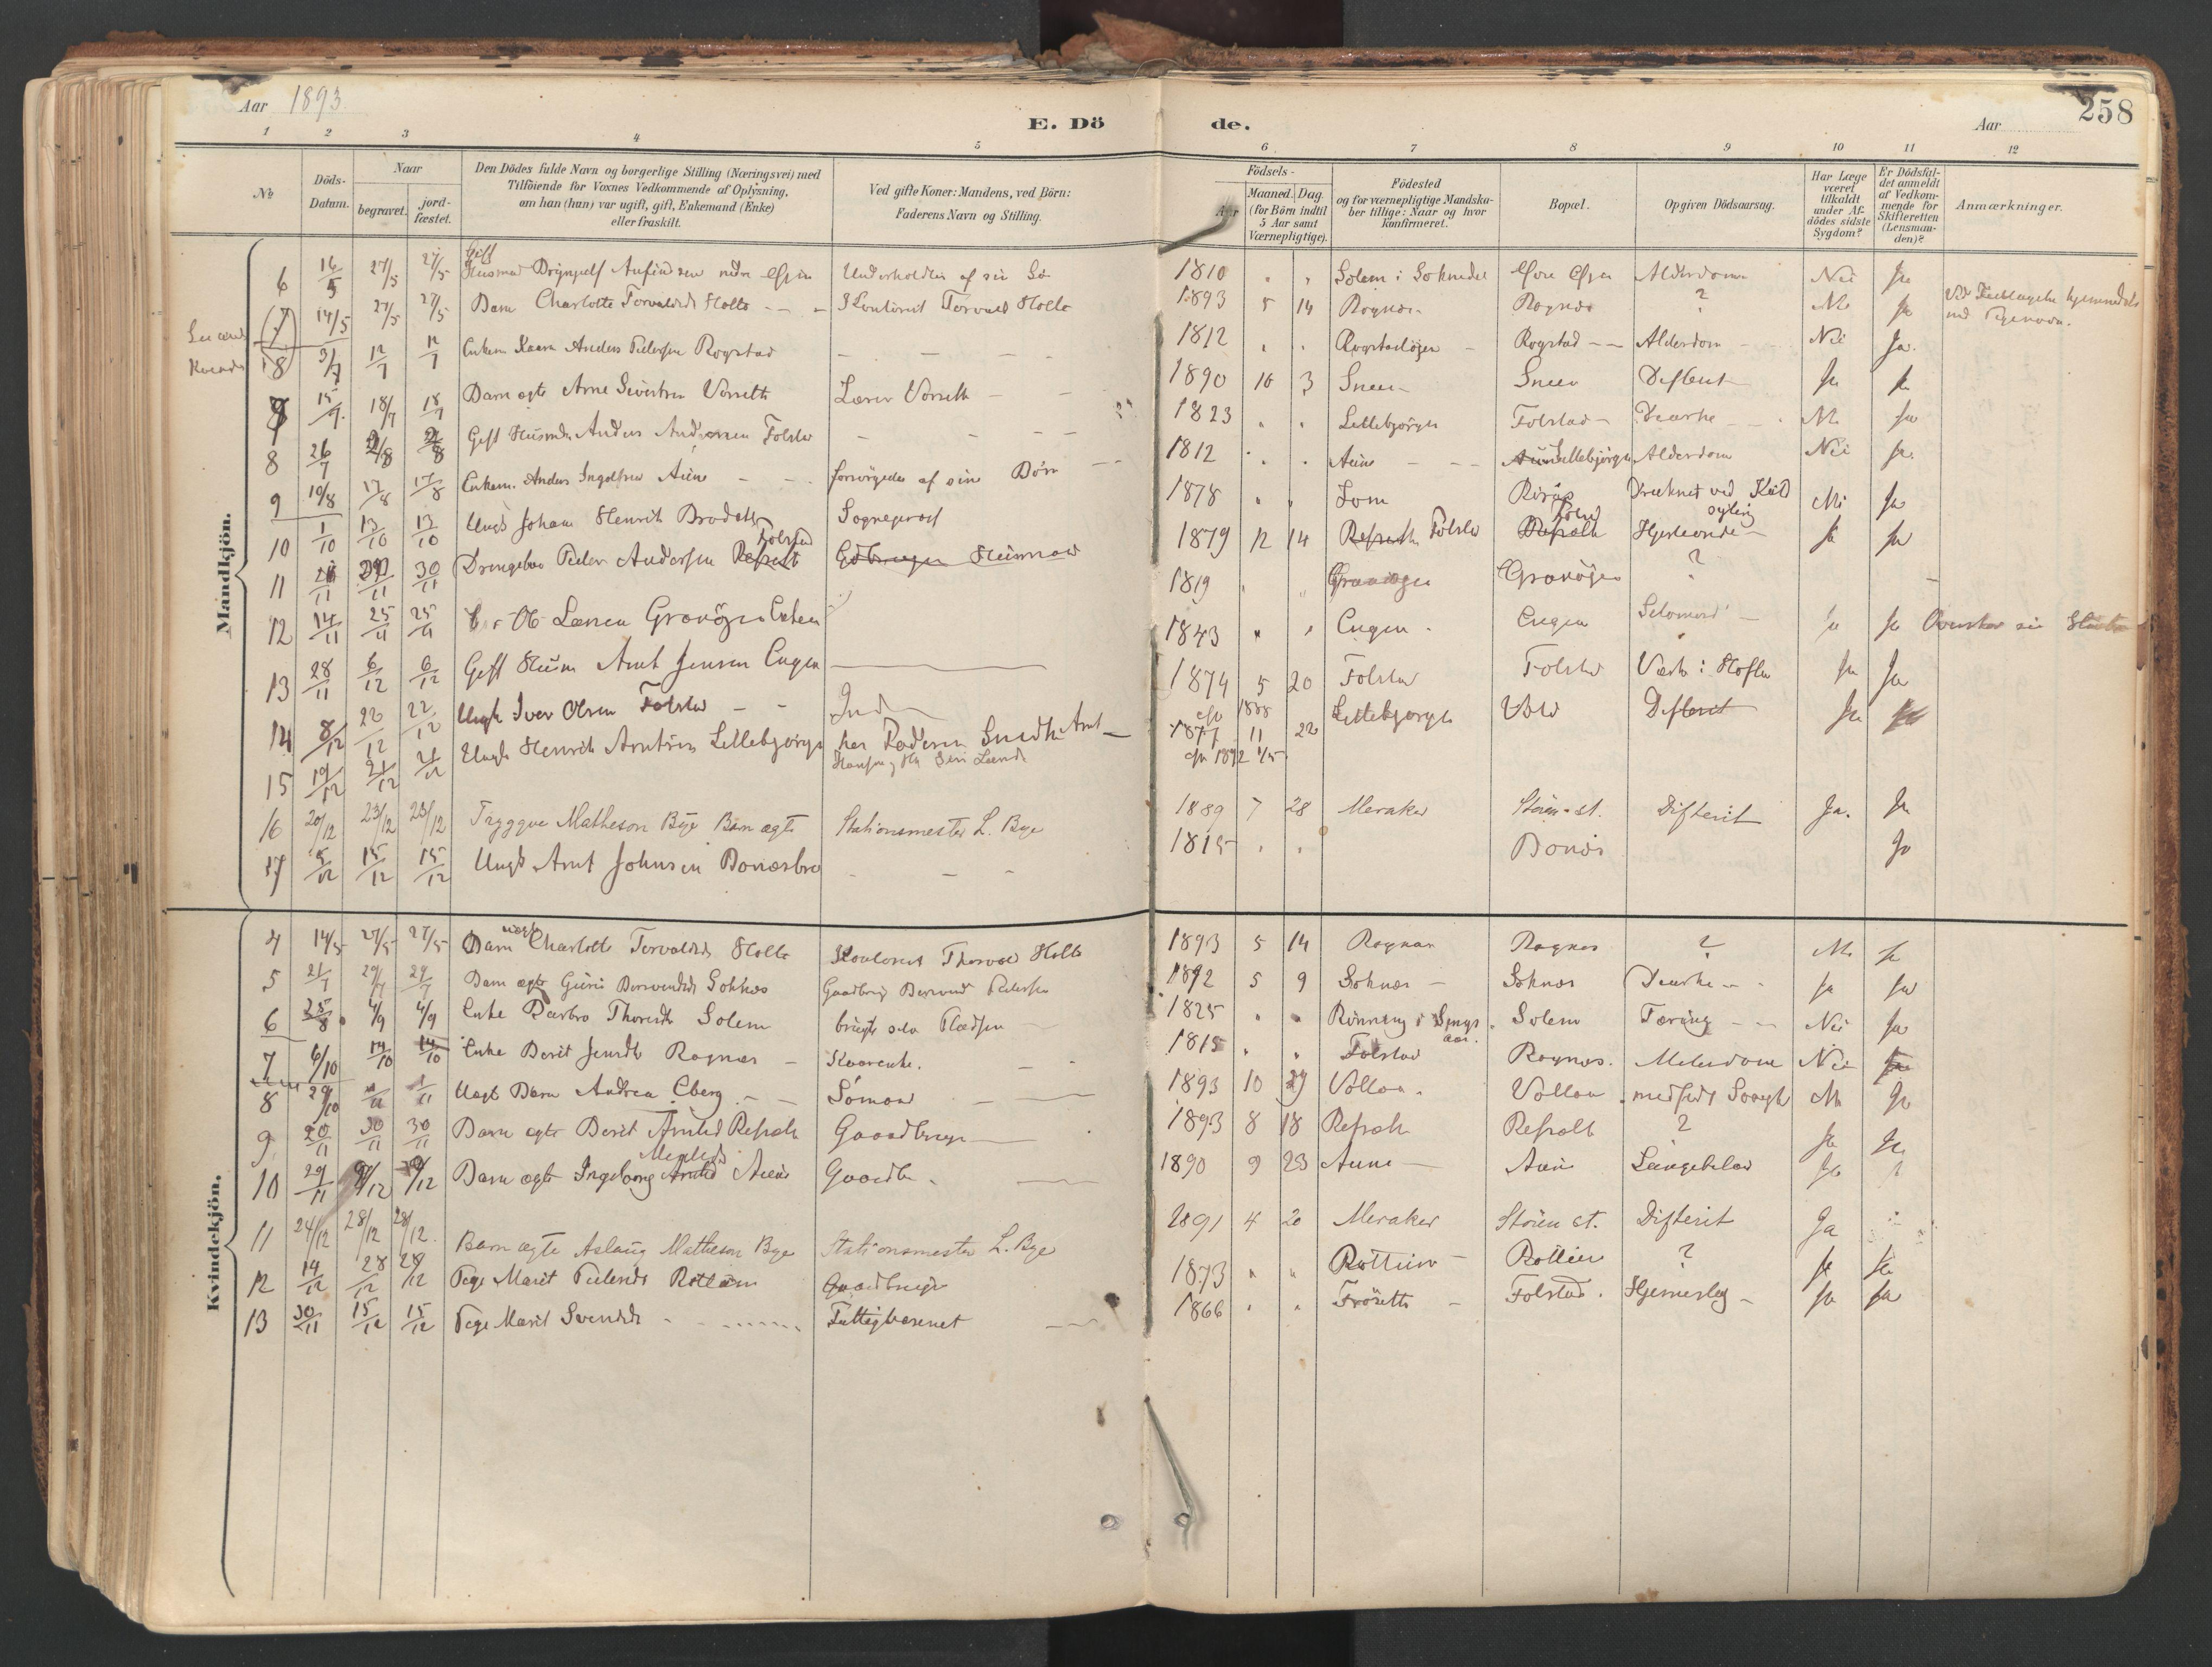 SAT, Ministerialprotokoller, klokkerbøker og fødselsregistre - Sør-Trøndelag, 687/L1004: Ministerialbok nr. 687A10, 1891-1923, s. 258